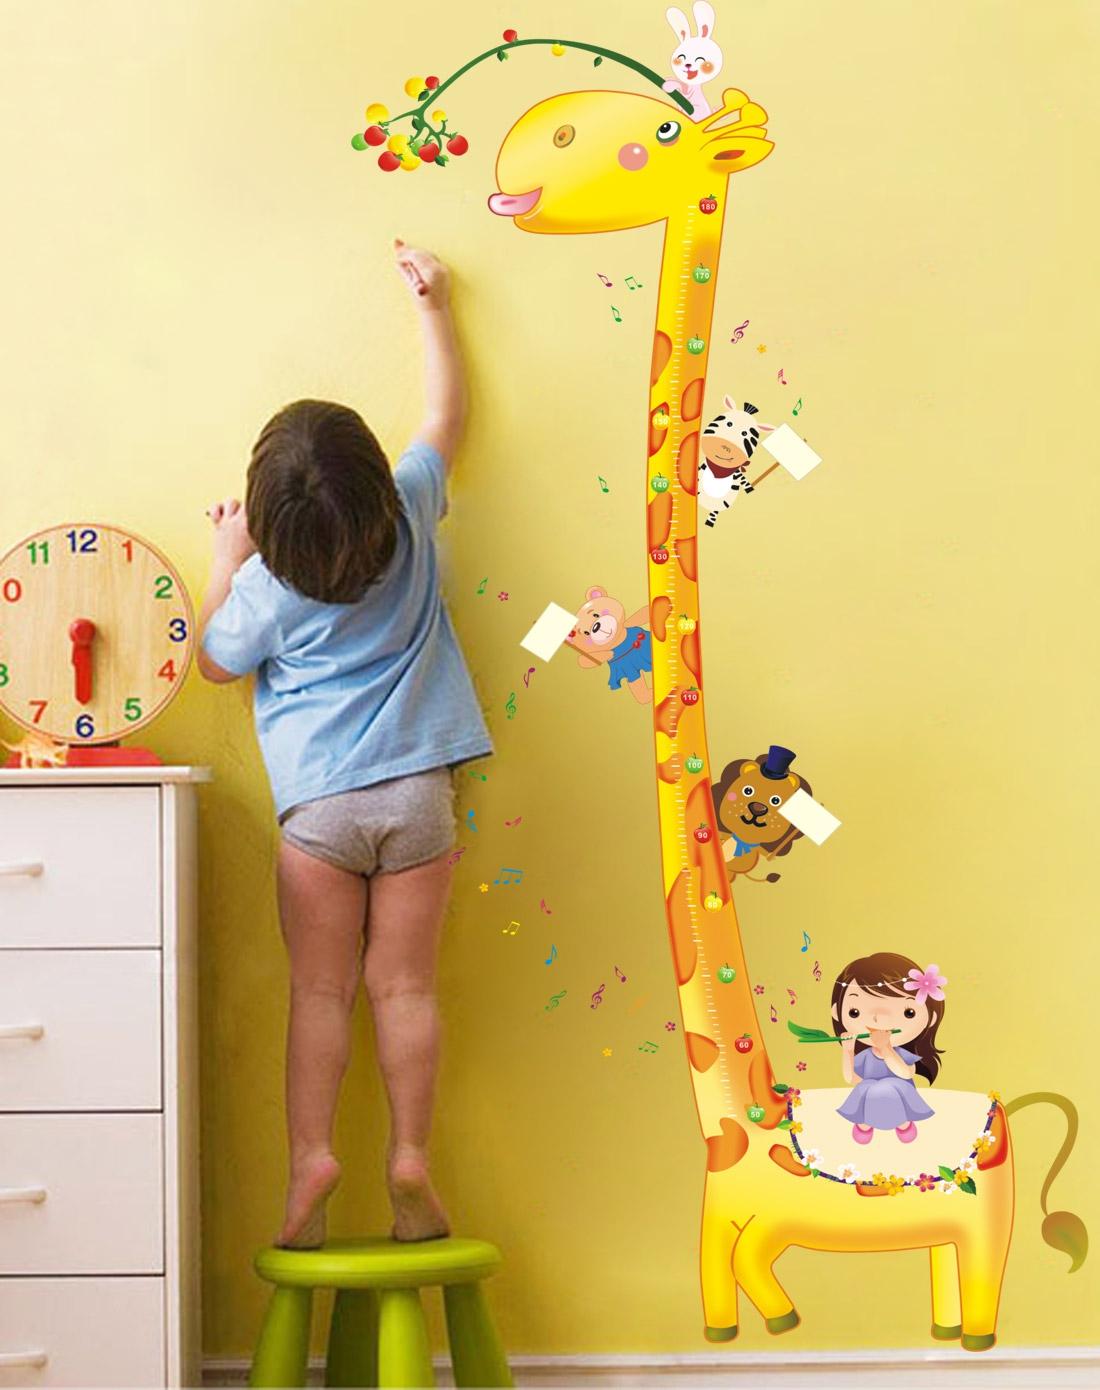 柠檬树lemon tree装饰画专场可爱儿童身高贴(长颈鹿)